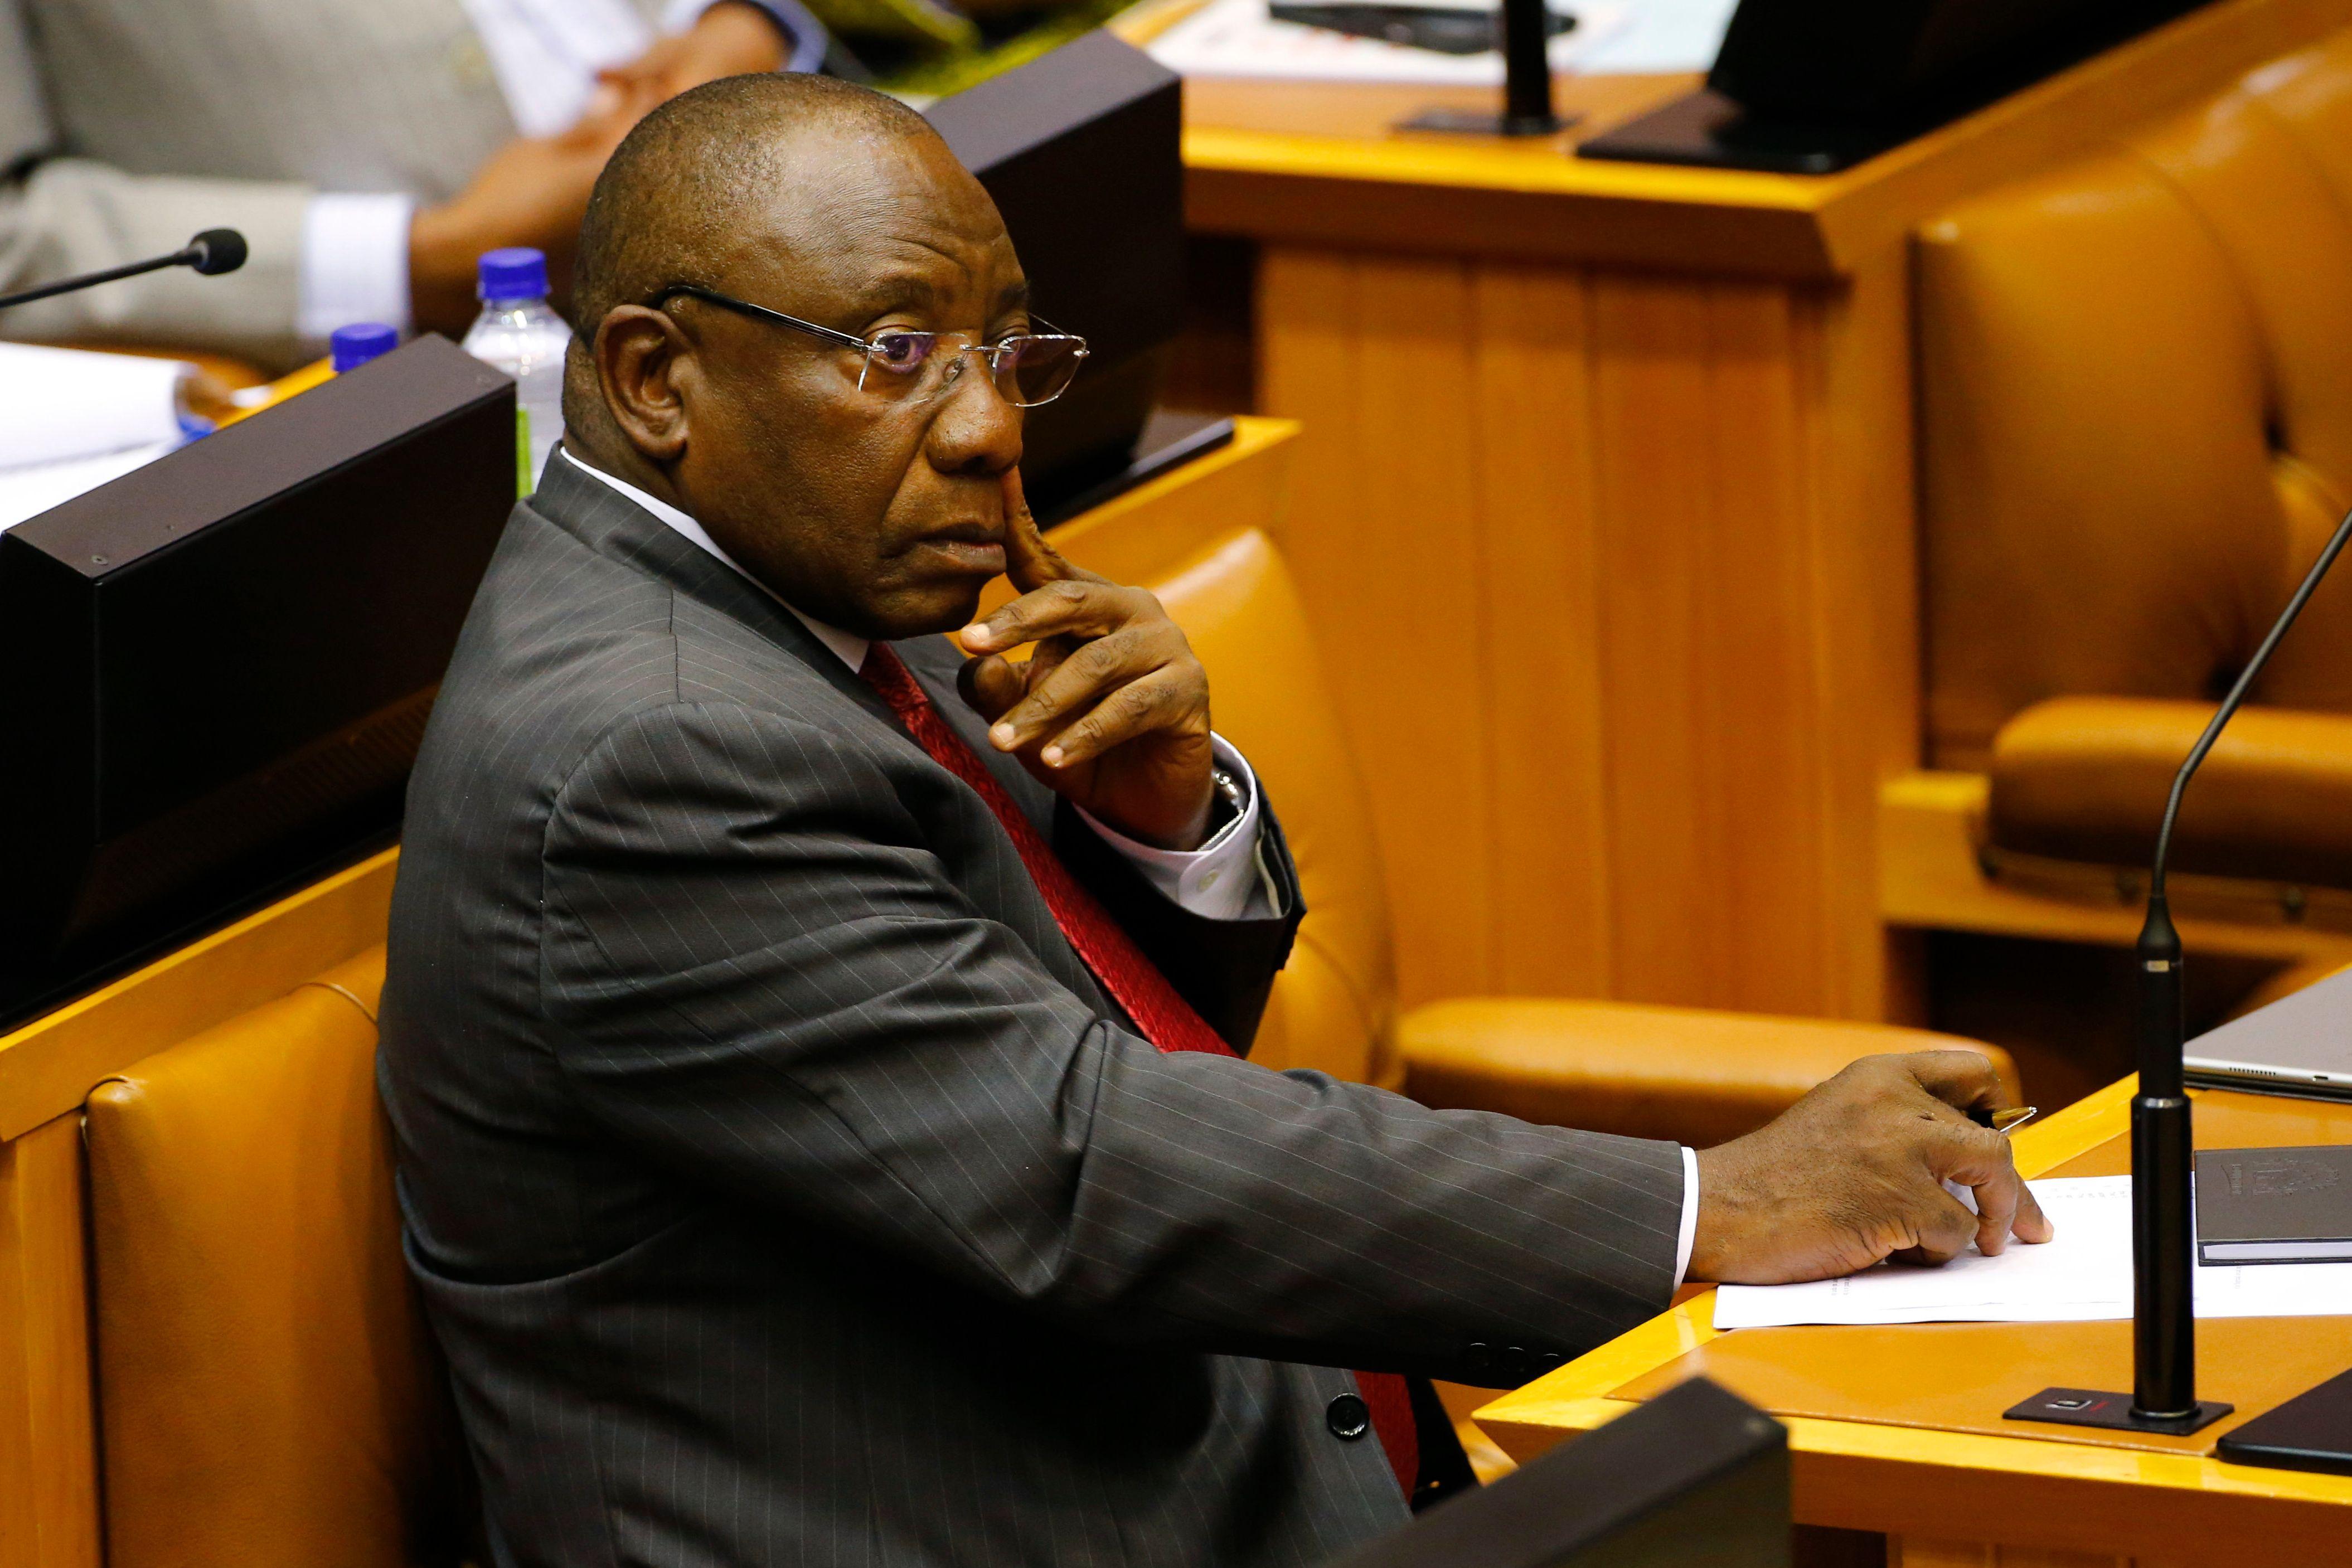 انتخاب سيريل رامافوسا رئيسا لجنوب أفريقيا خلفا لجاكوب زوما